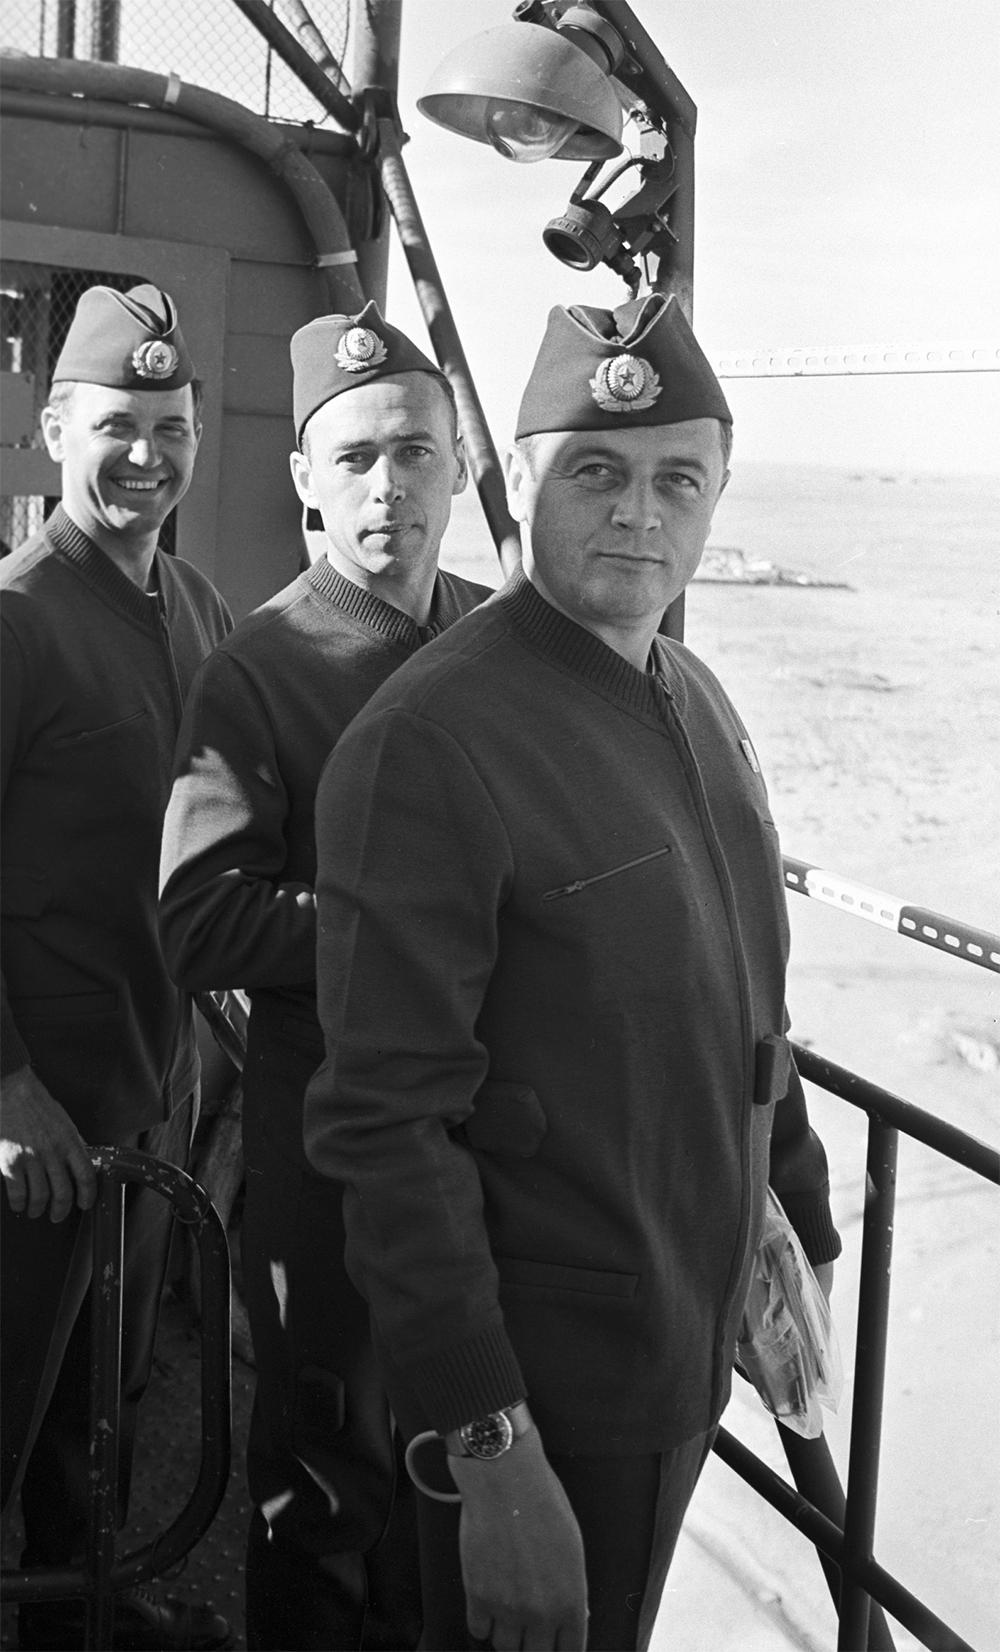 Экипаж космического корабля «Союз-11» (слева направо): командир корабля Георгий Добровольский, инженер-испытатель Виктор Пацаев иборт-инженер Владислав Волков накосмодроме Байконур перед полётом.